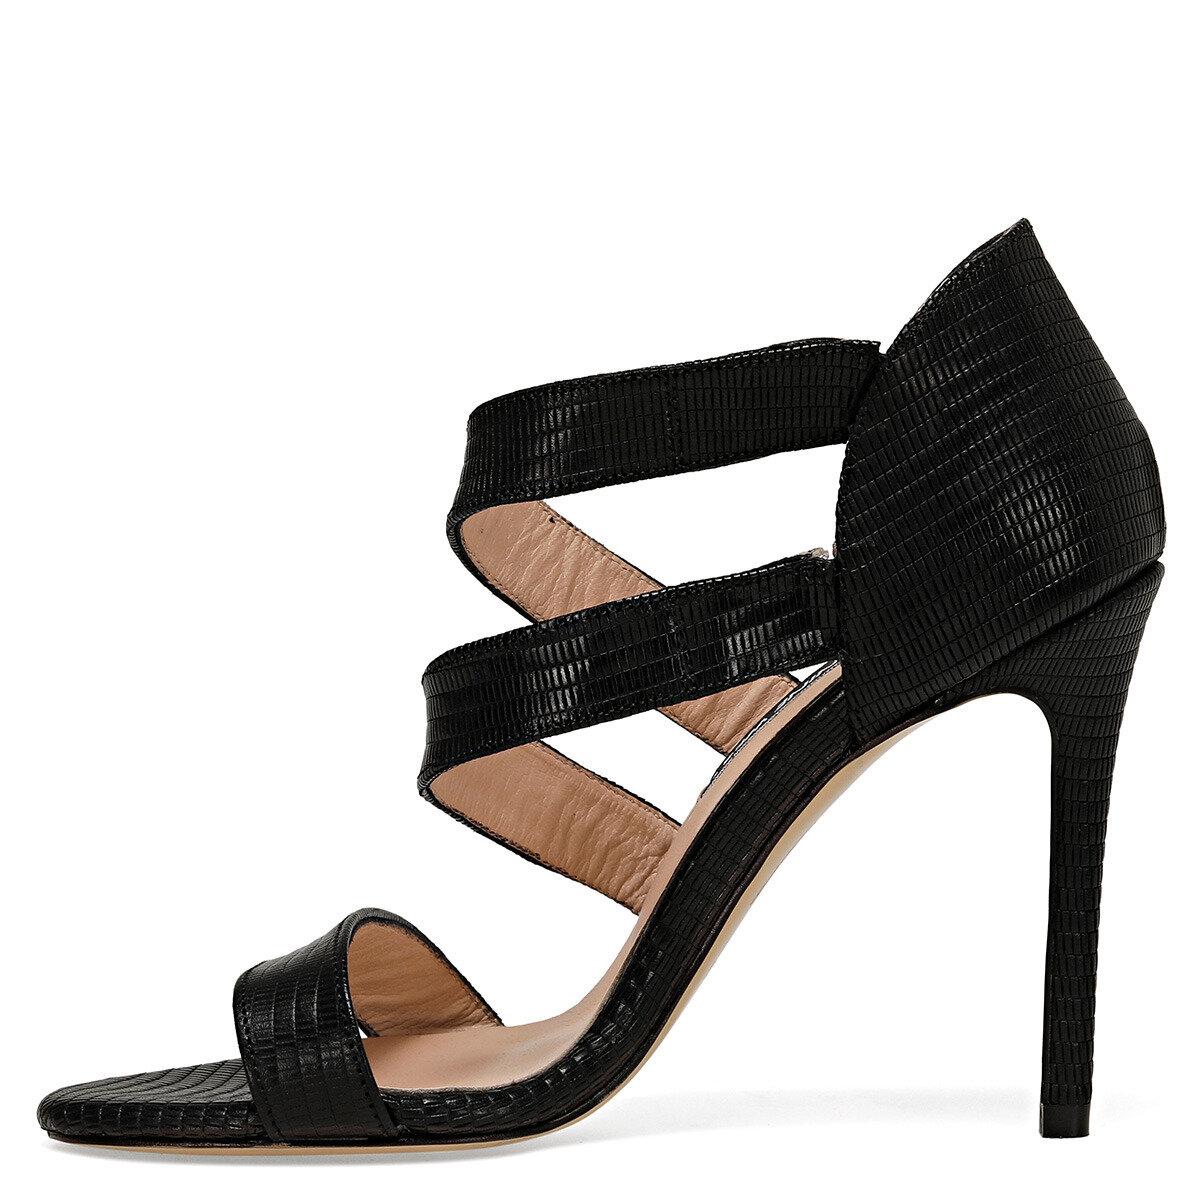 MYALL Siyah Kadın Topuklu Ayakkabı